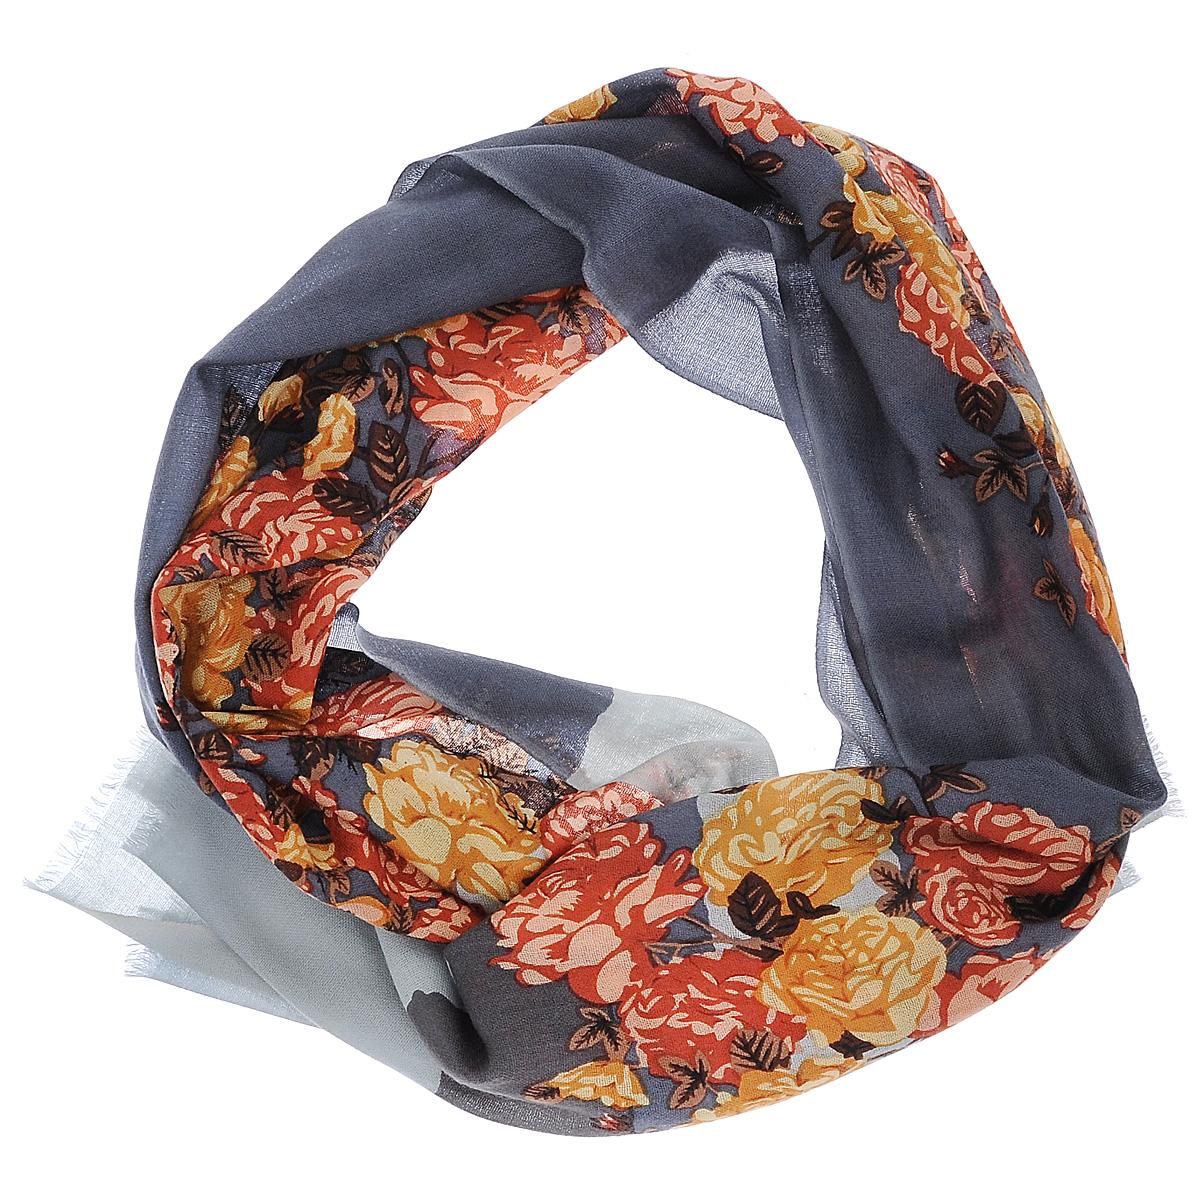 Палантин35007-02GЭлегантный палантин Moltini подчеркнет ваш неповторимый образ. Он выполнен из мягкой натуральной шерсти и оформлен ярким цветочным принтом. Края палантина декорированы тонкой бахромой. Этот модный аксессуар женского гардероба гармонично дополнит образ современной женщины, следящей за своим имиджем и стремящейся всегда оставаться стильной и элегантной. В этом палантине вы всегда будете выглядеть женственной и привлекательной.